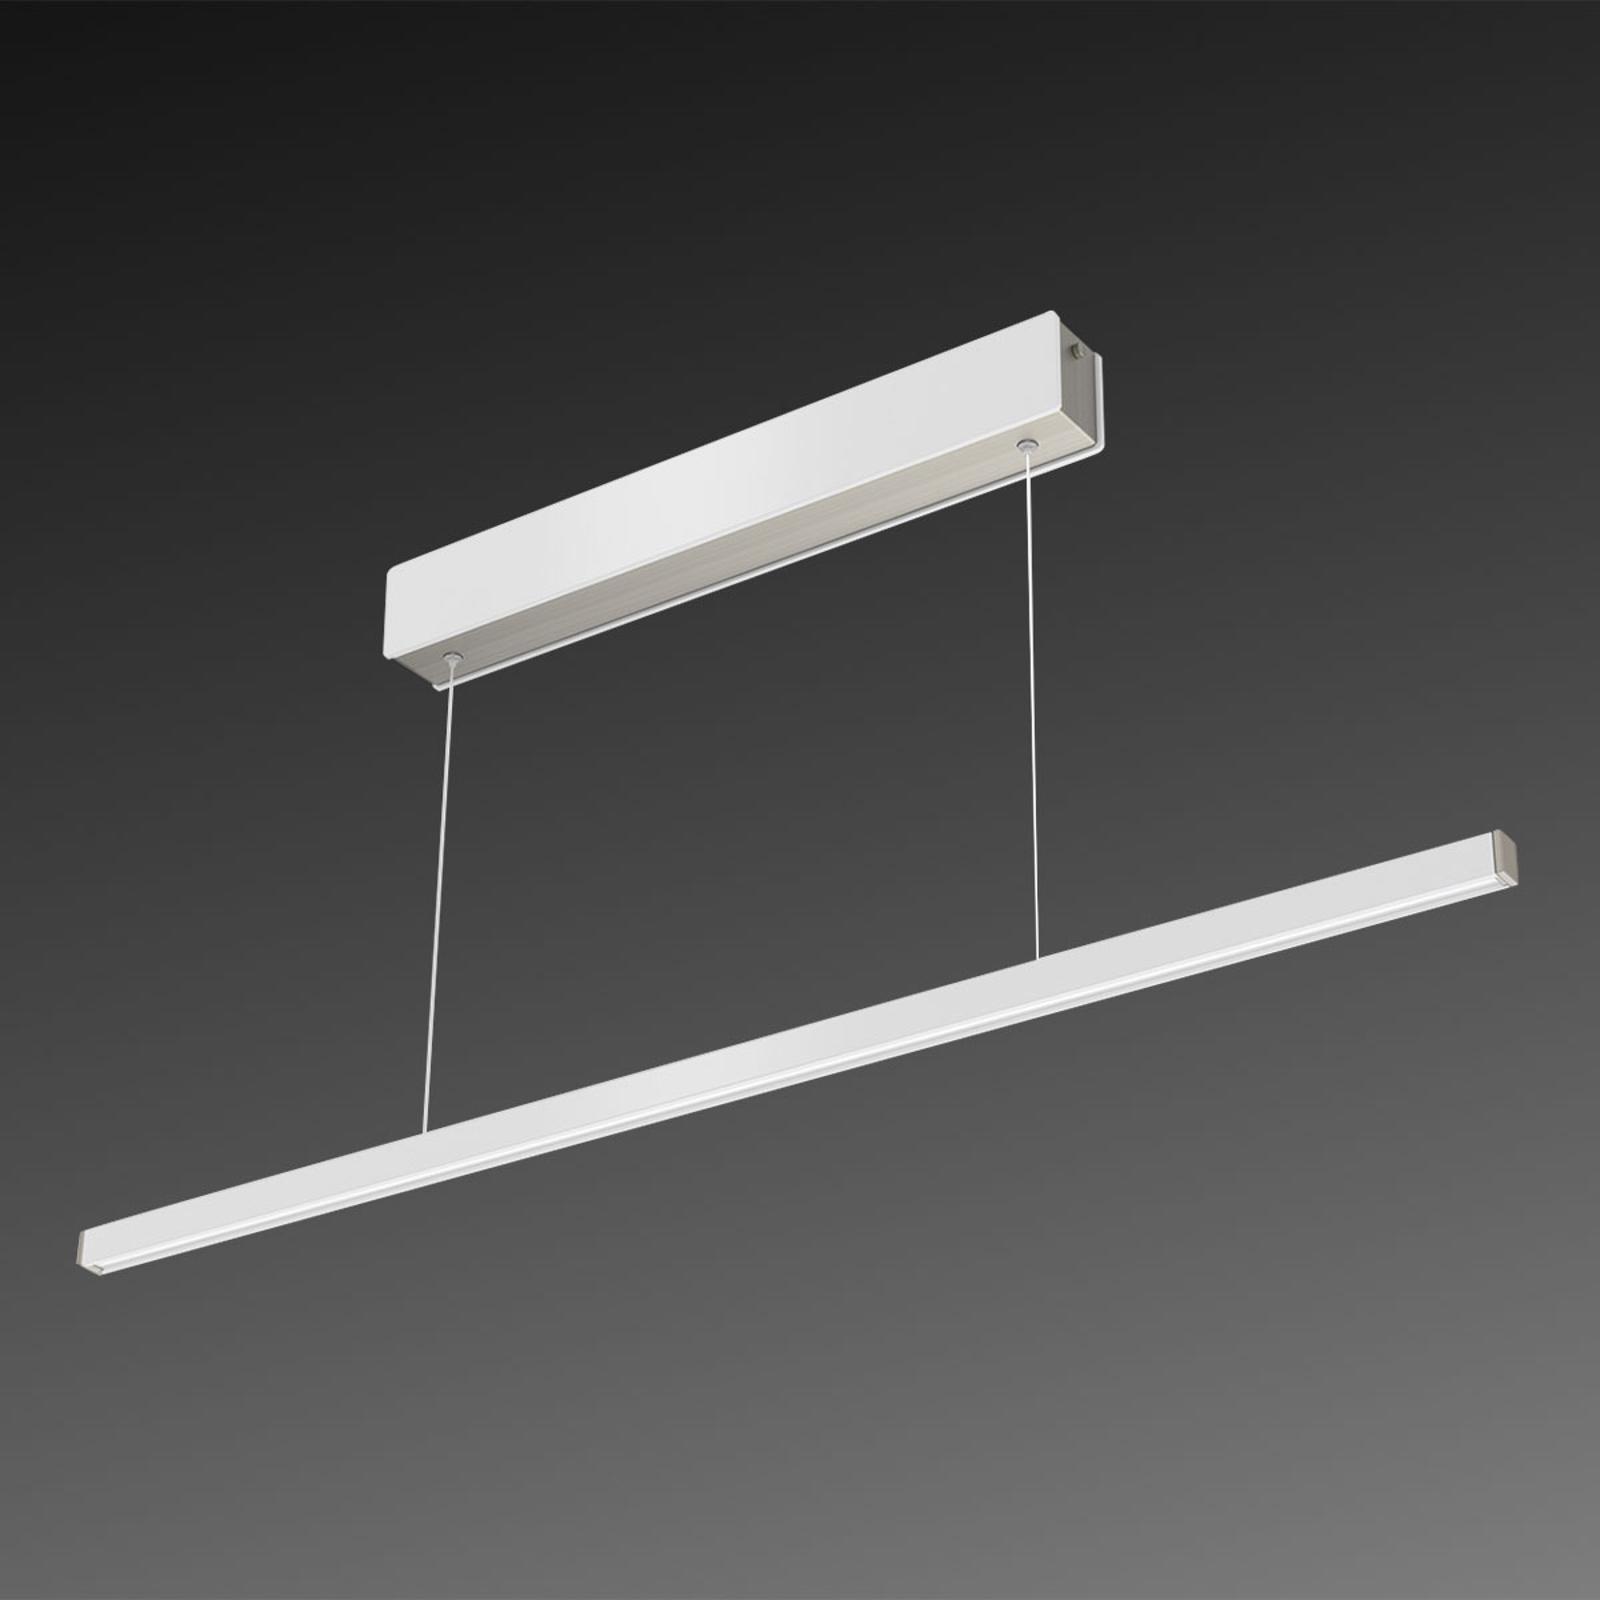 Lampa wisząca LED Orix, biała, 90 cm długości